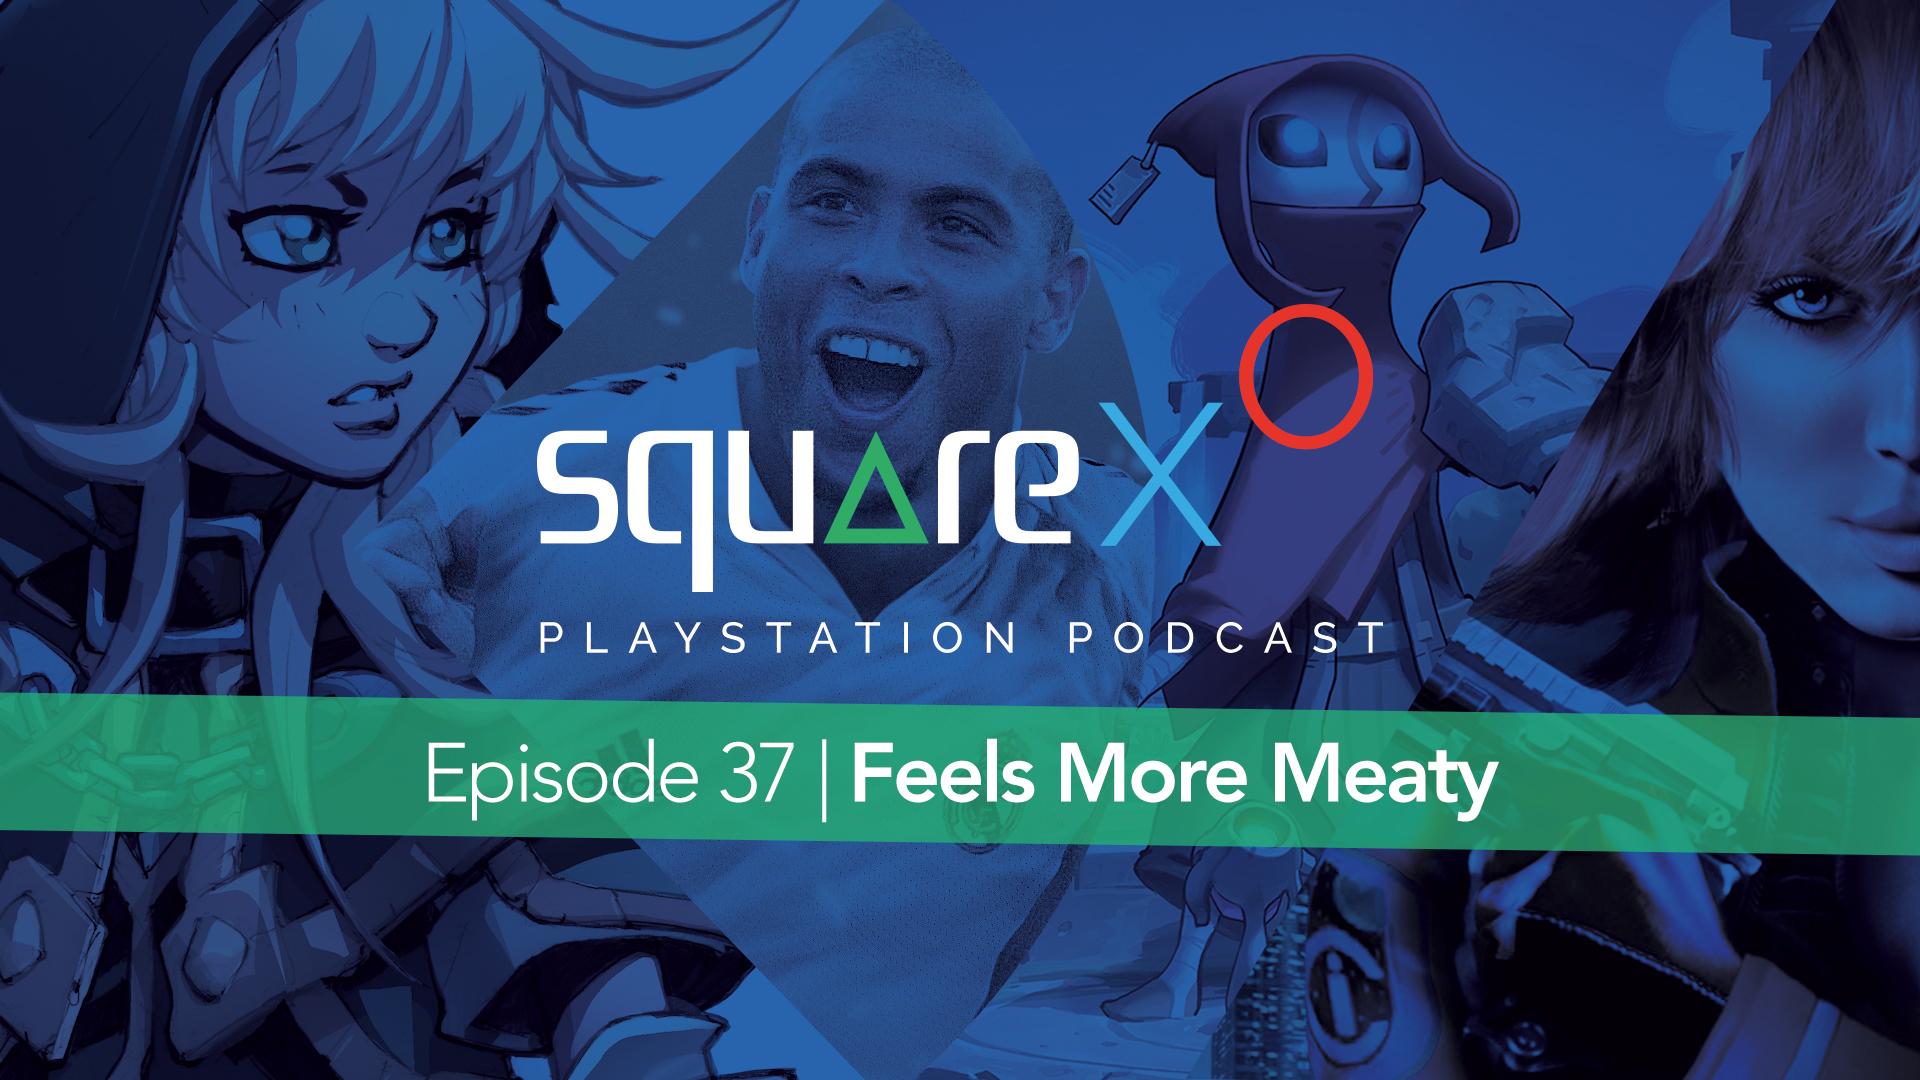 Episode 37 | Feels More Meaty